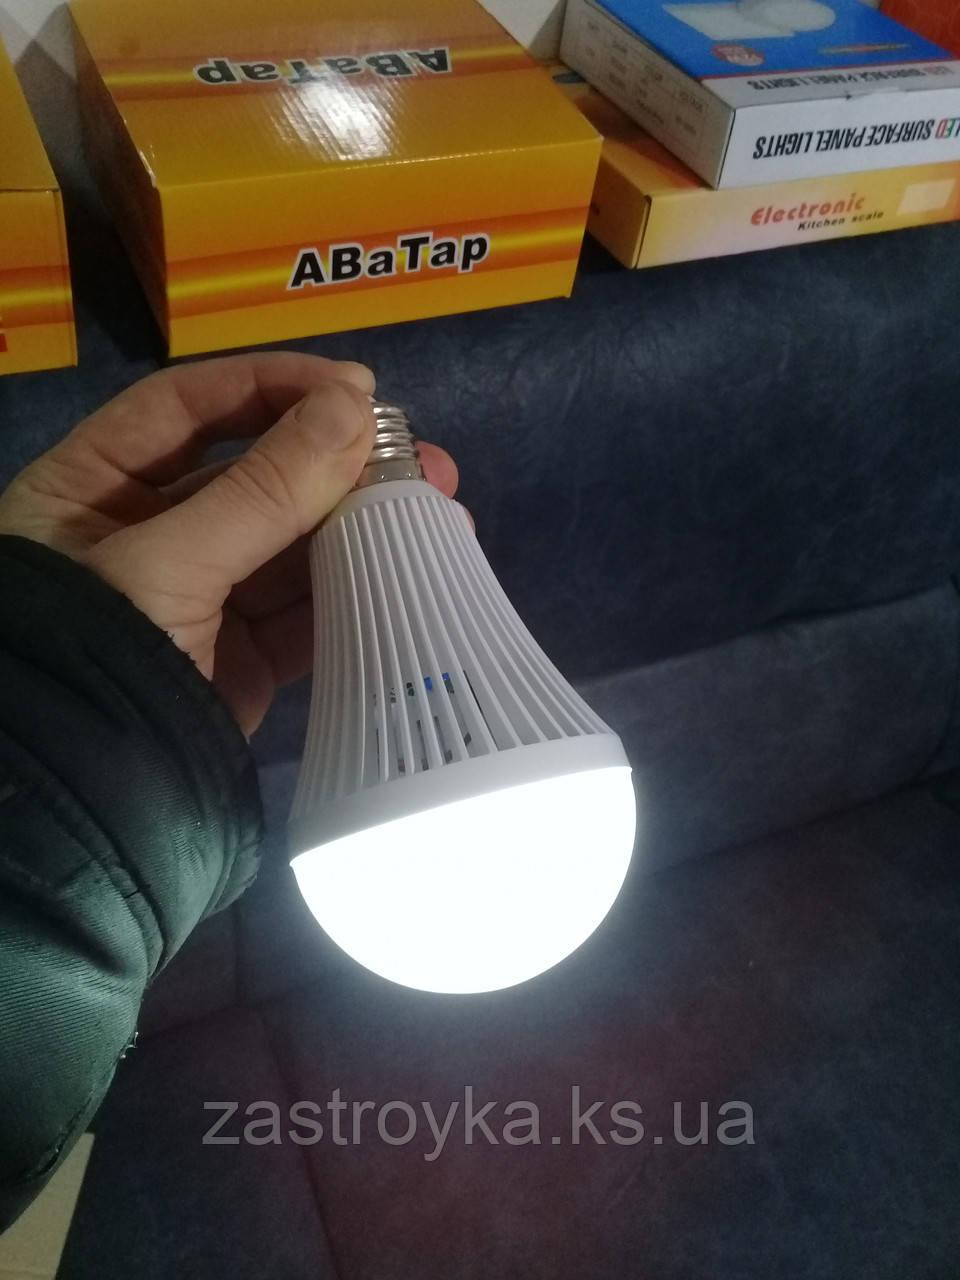 Светодиодная лампа с аккумулятором (аварийное освещение), 9 Вт